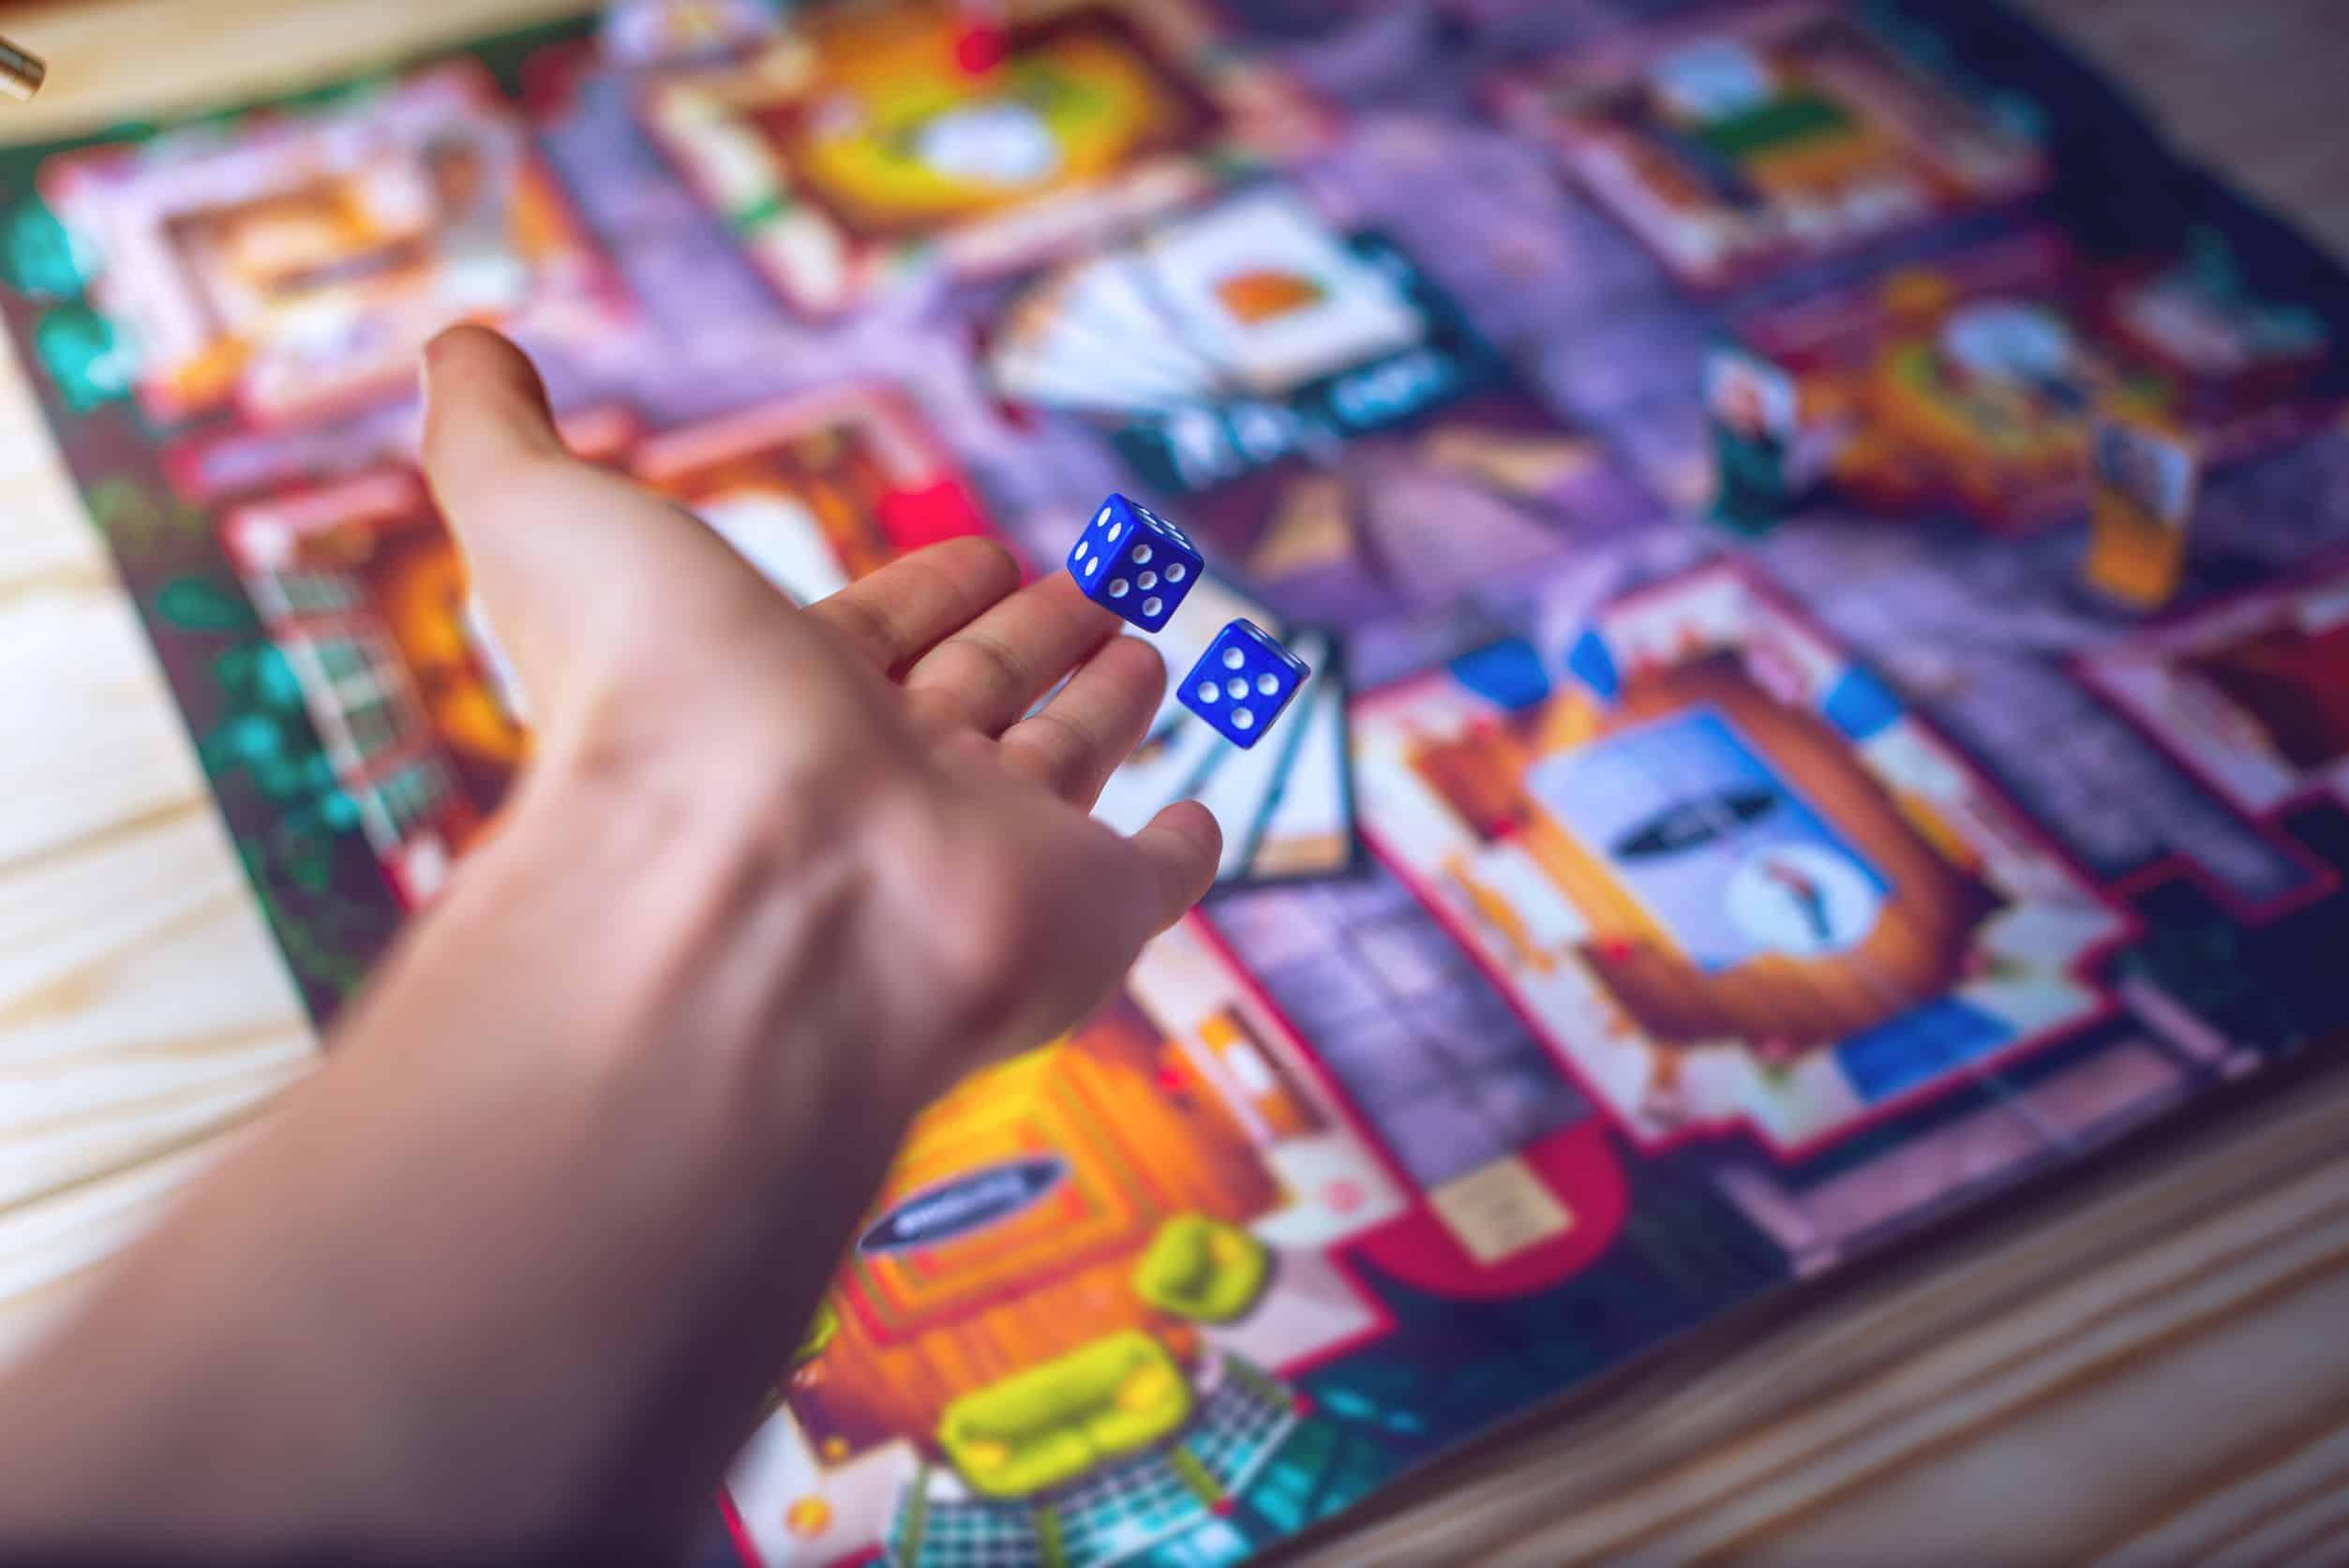 giochi-da-tavolo-principale-xcyp1